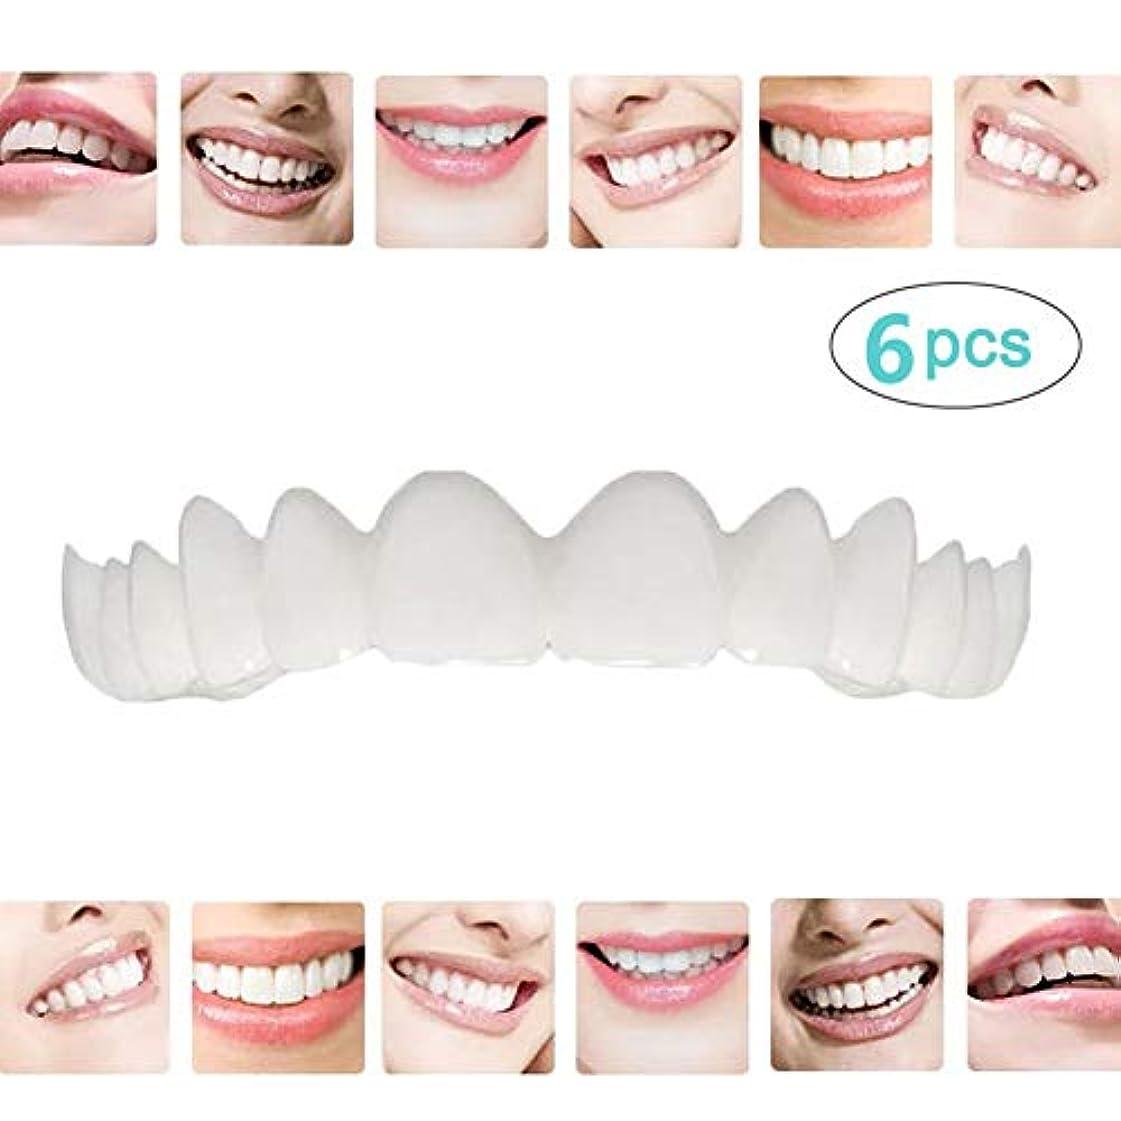 ひどく拮抗する拡張インスタント快適で柔らかい完璧なベニヤの歯スナップキャップを白くする一時的な化粧品歯義歯歯の化粧品シミュレーション上袖/下括弧の6枚,6upperteeth